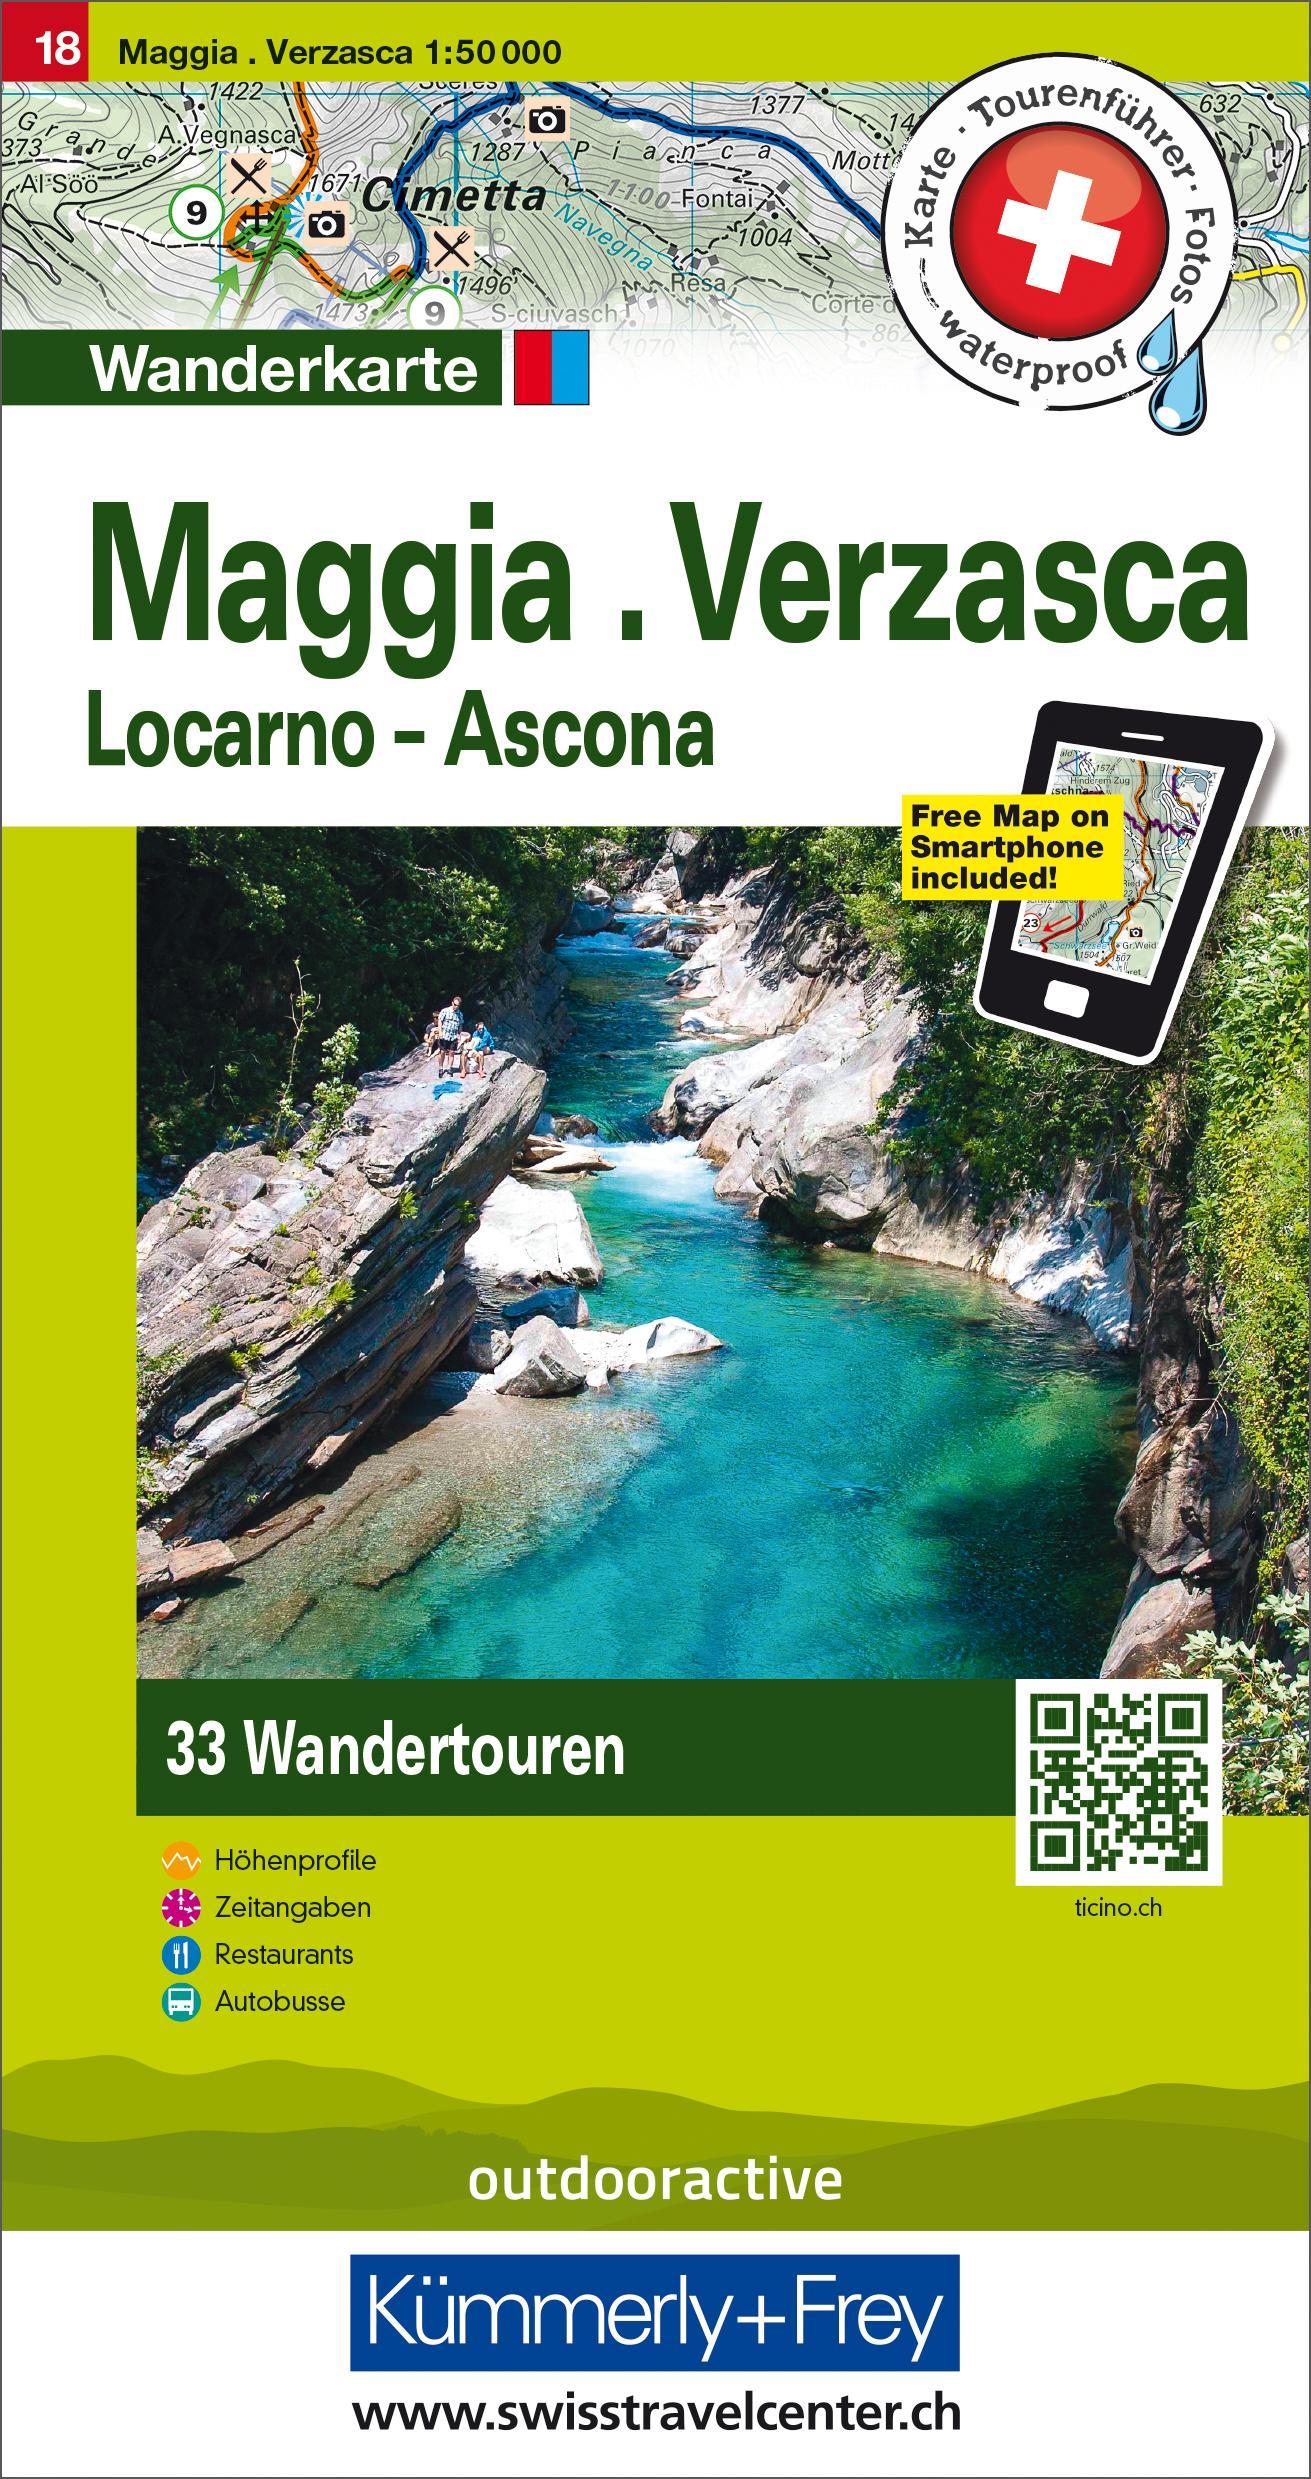 Hallwag Touren-Wanderkarte 18 Maggia, Verzasca, Locarno, Ascona (Land-)Karte